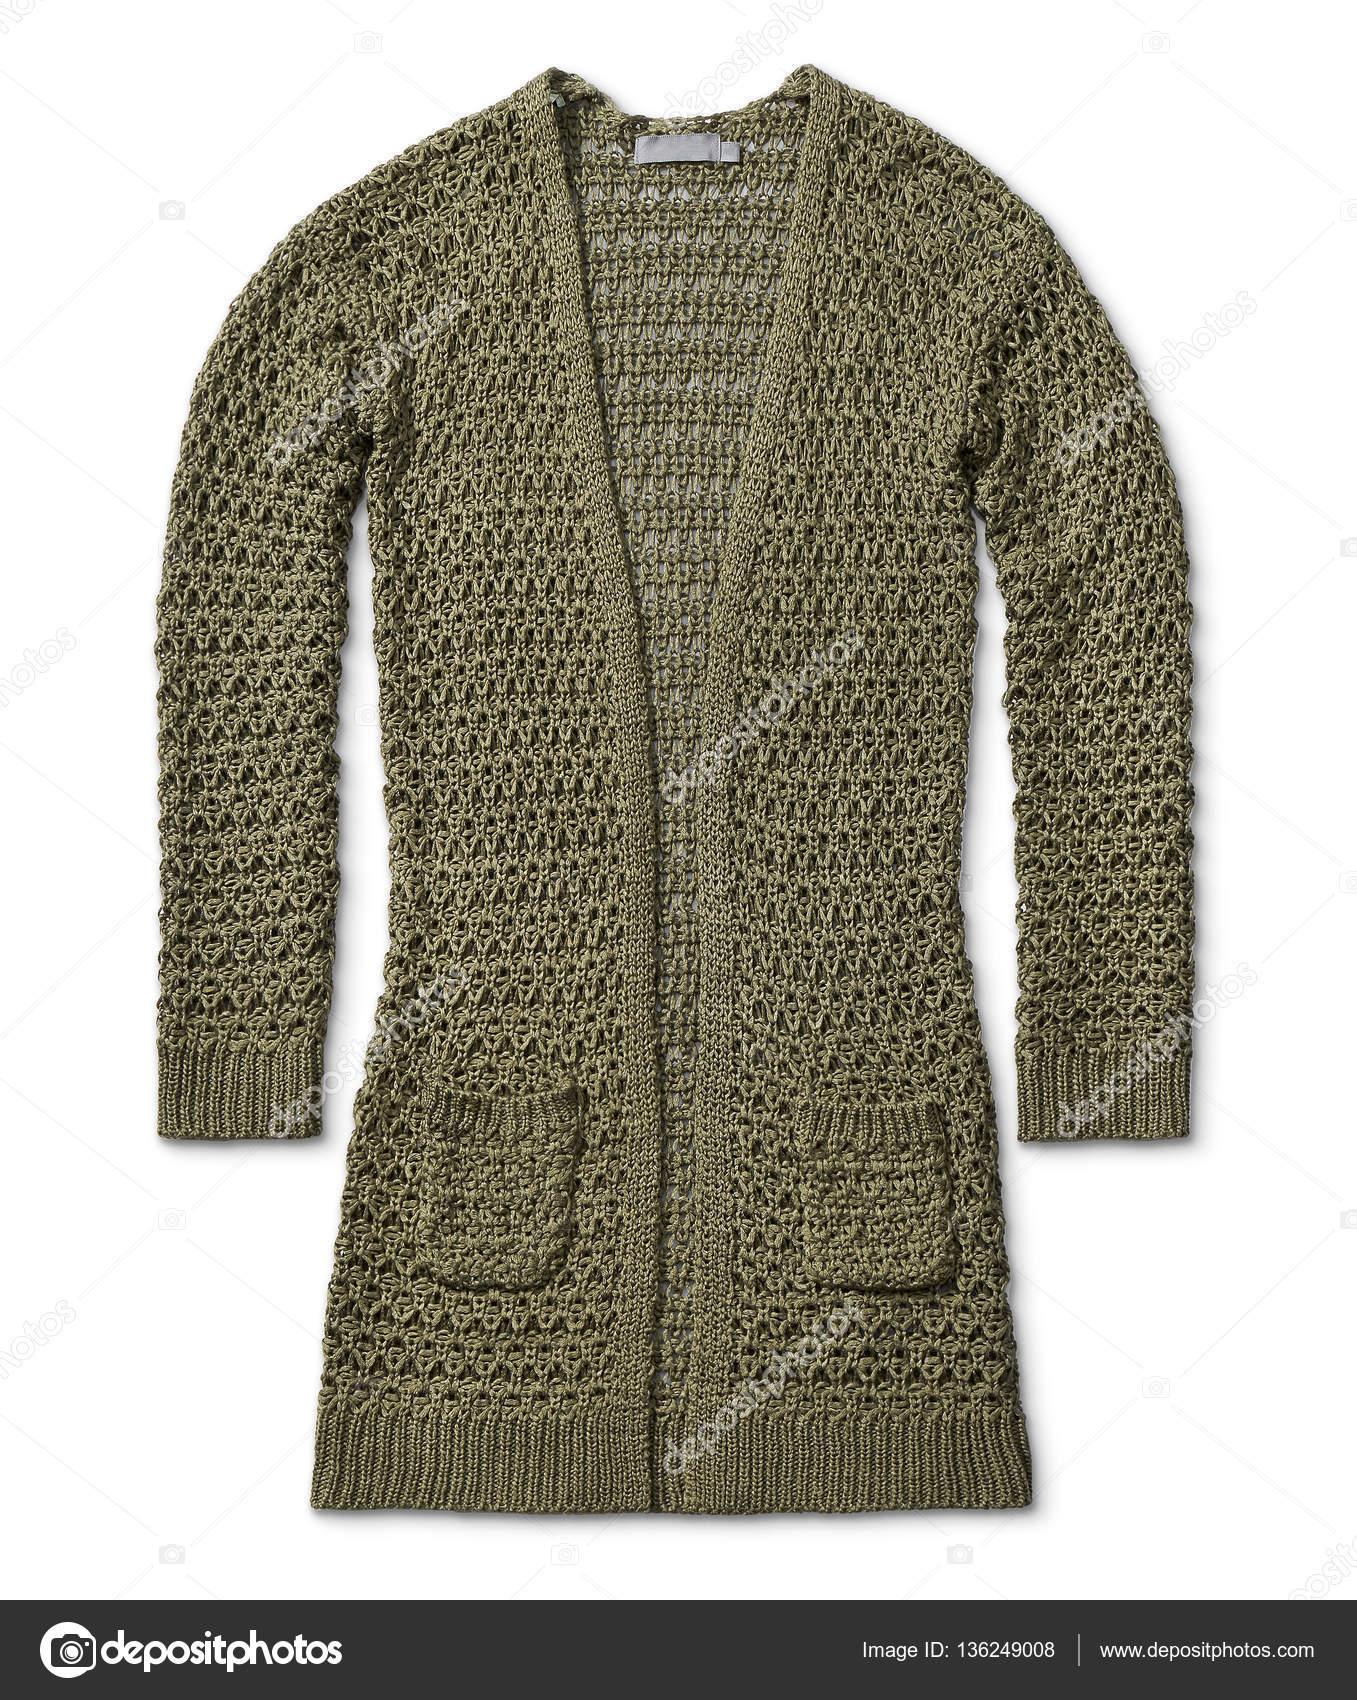 6add153e375ae Abrigo de lana para mujer aislado en blanco con trazado de recorte — Foto  de the lightwriter